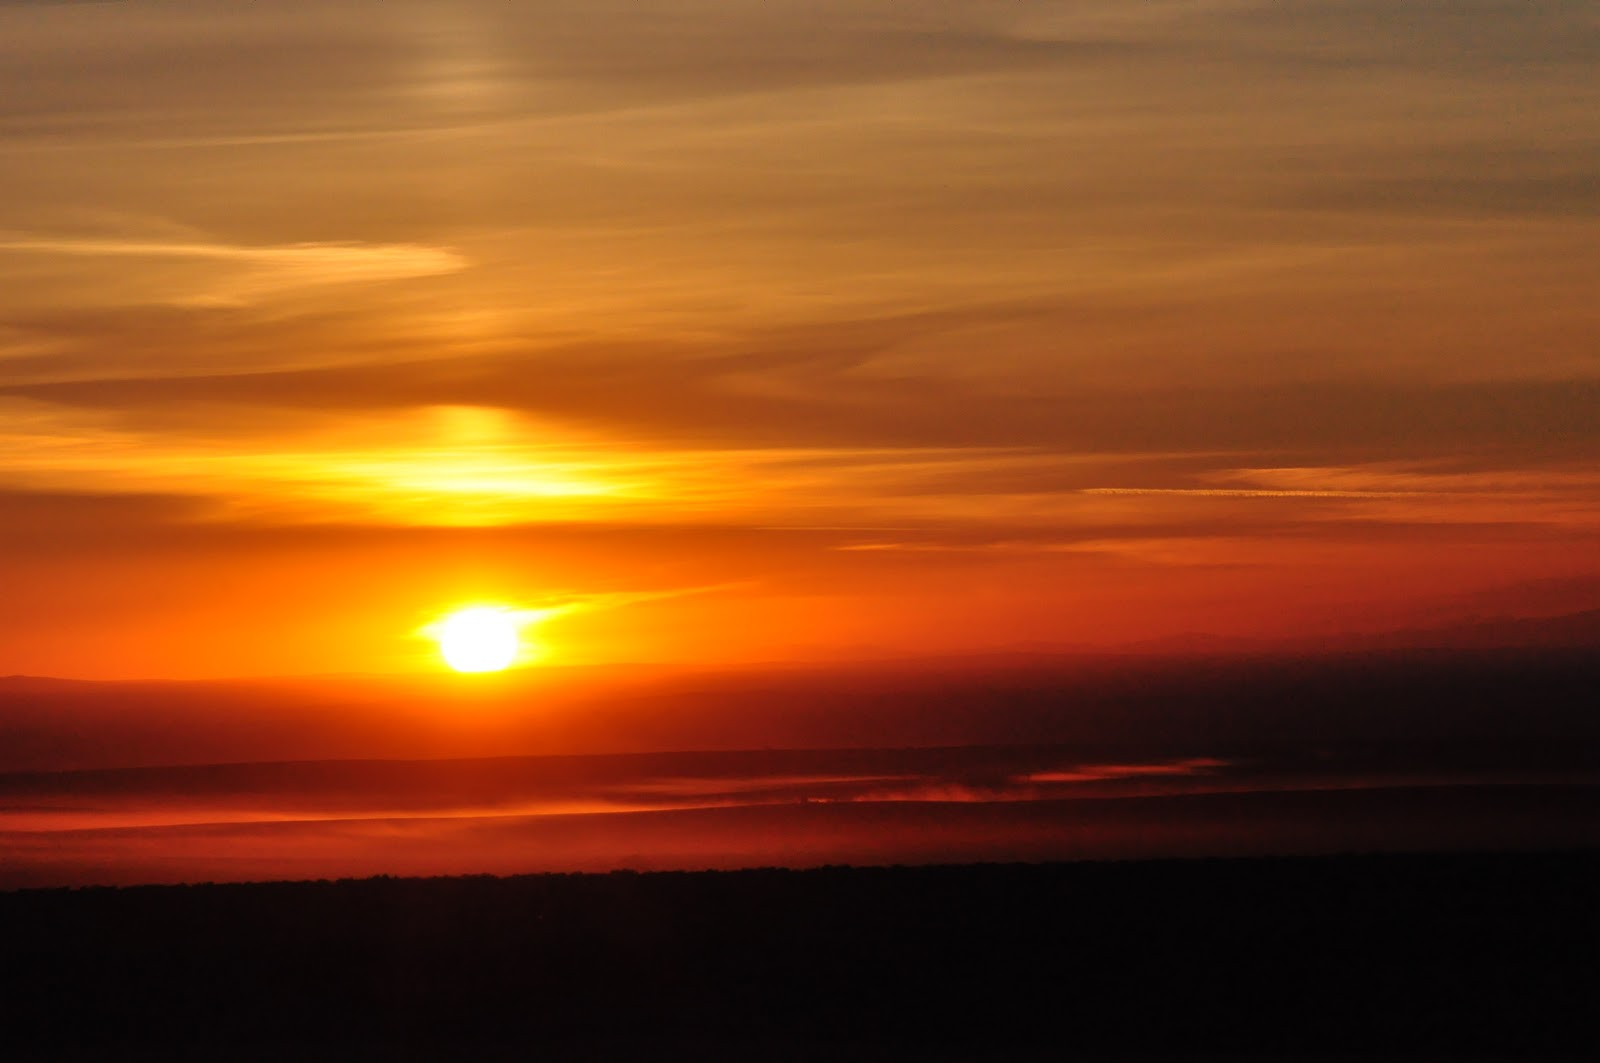 description of a sunset